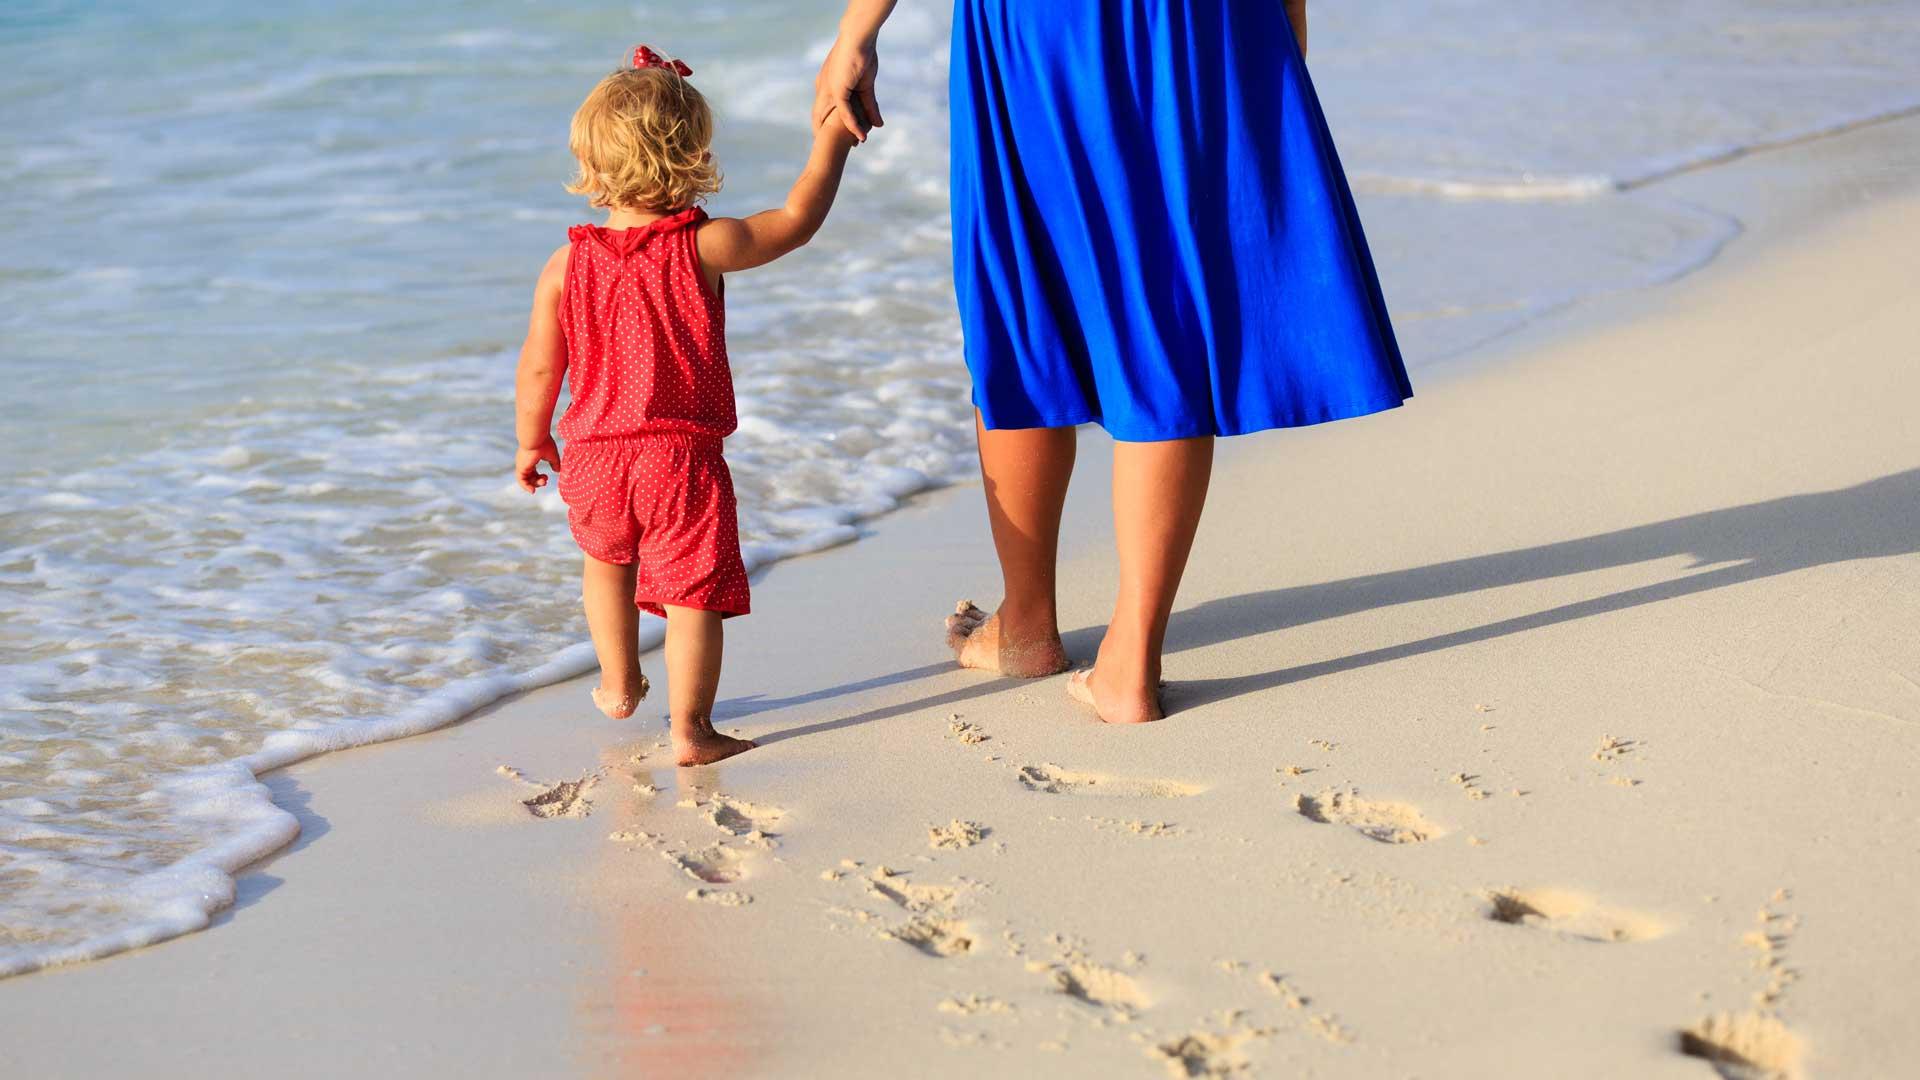 Äiti ja lapsi hiekkarannalla kävelemässä kohti vettä, jättäen hiekkaan jalanjälkiä